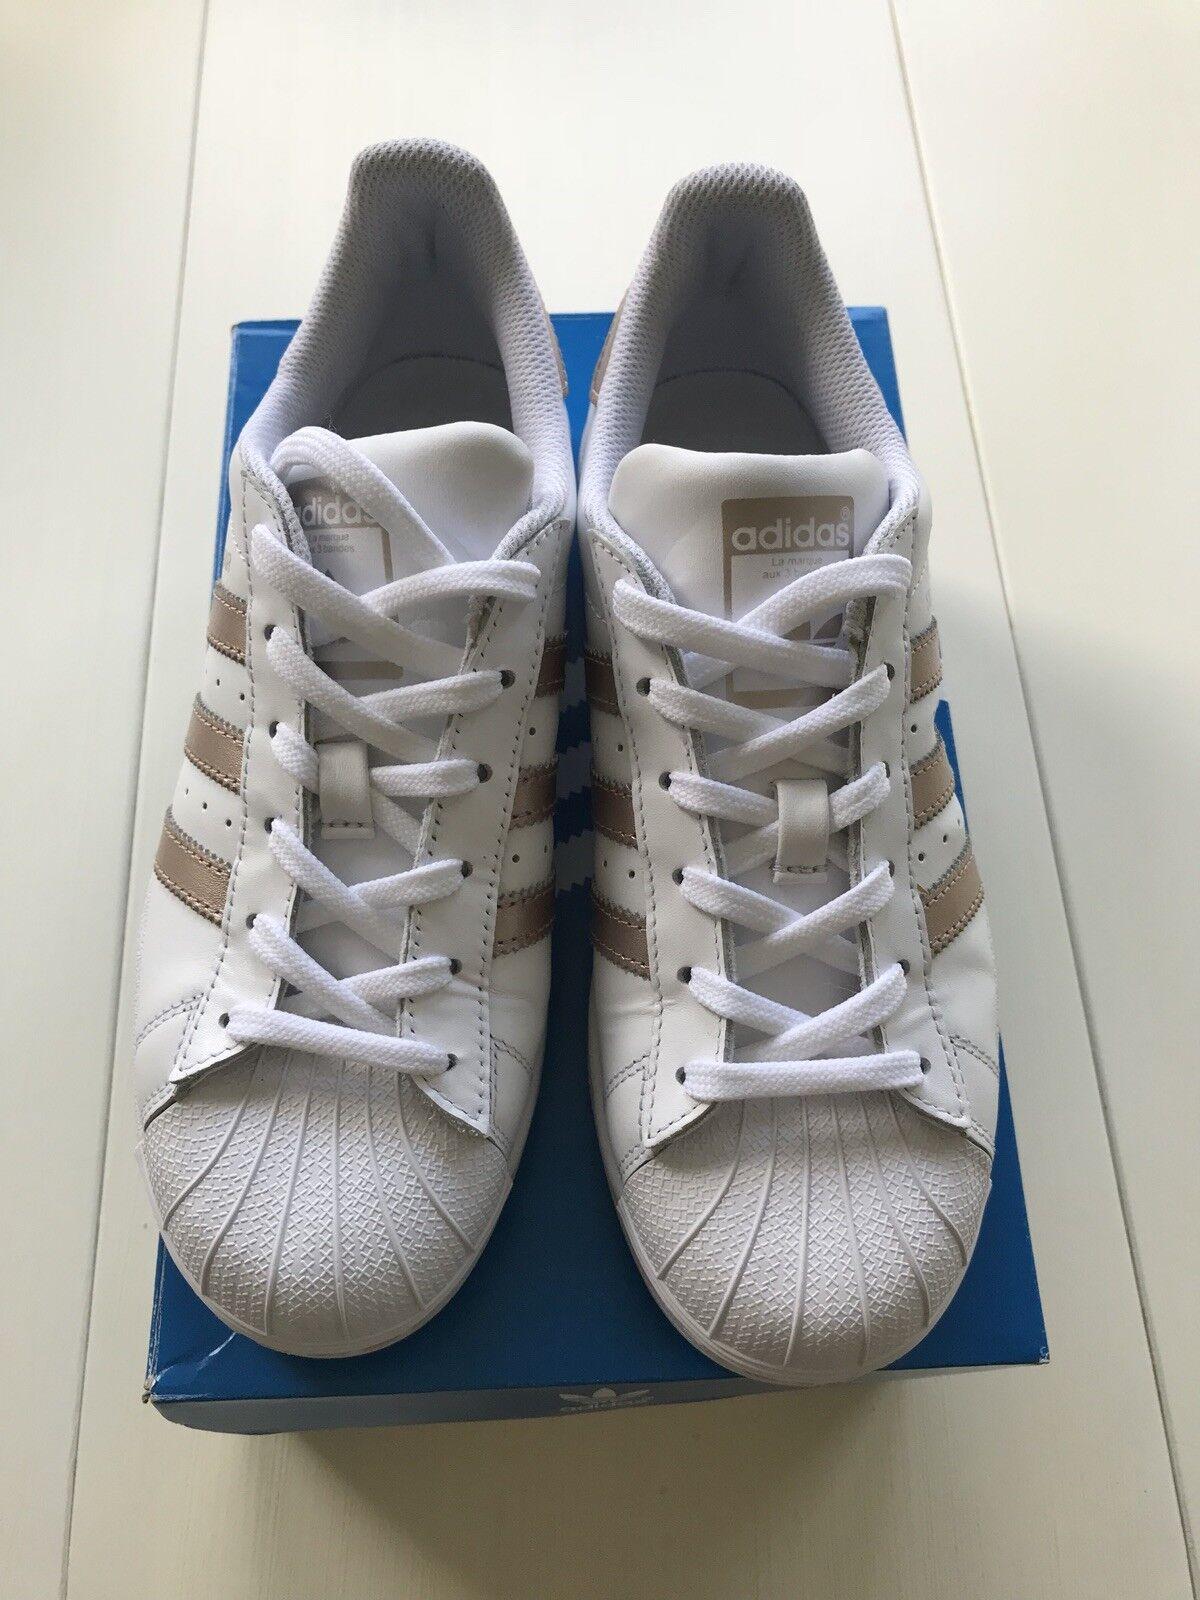 Adidas schuhe, metallic weiße frauen / kupfer - metallic schuhe, - größe 6 4a0db9